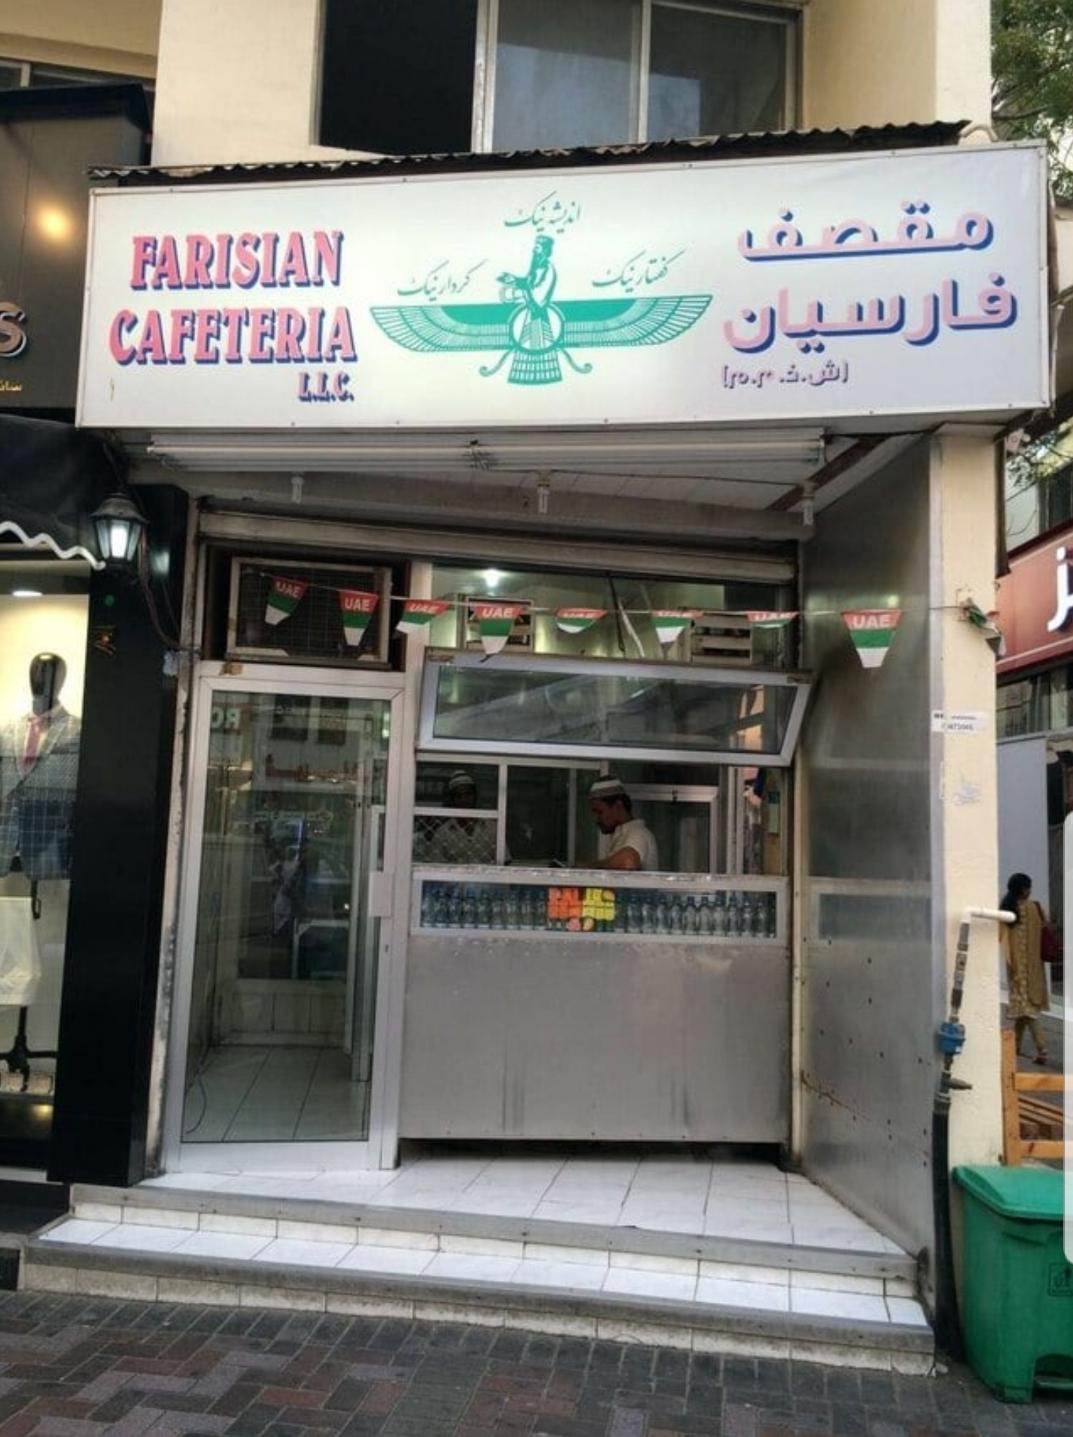 Farisian Cafeteria in Meena Bazar